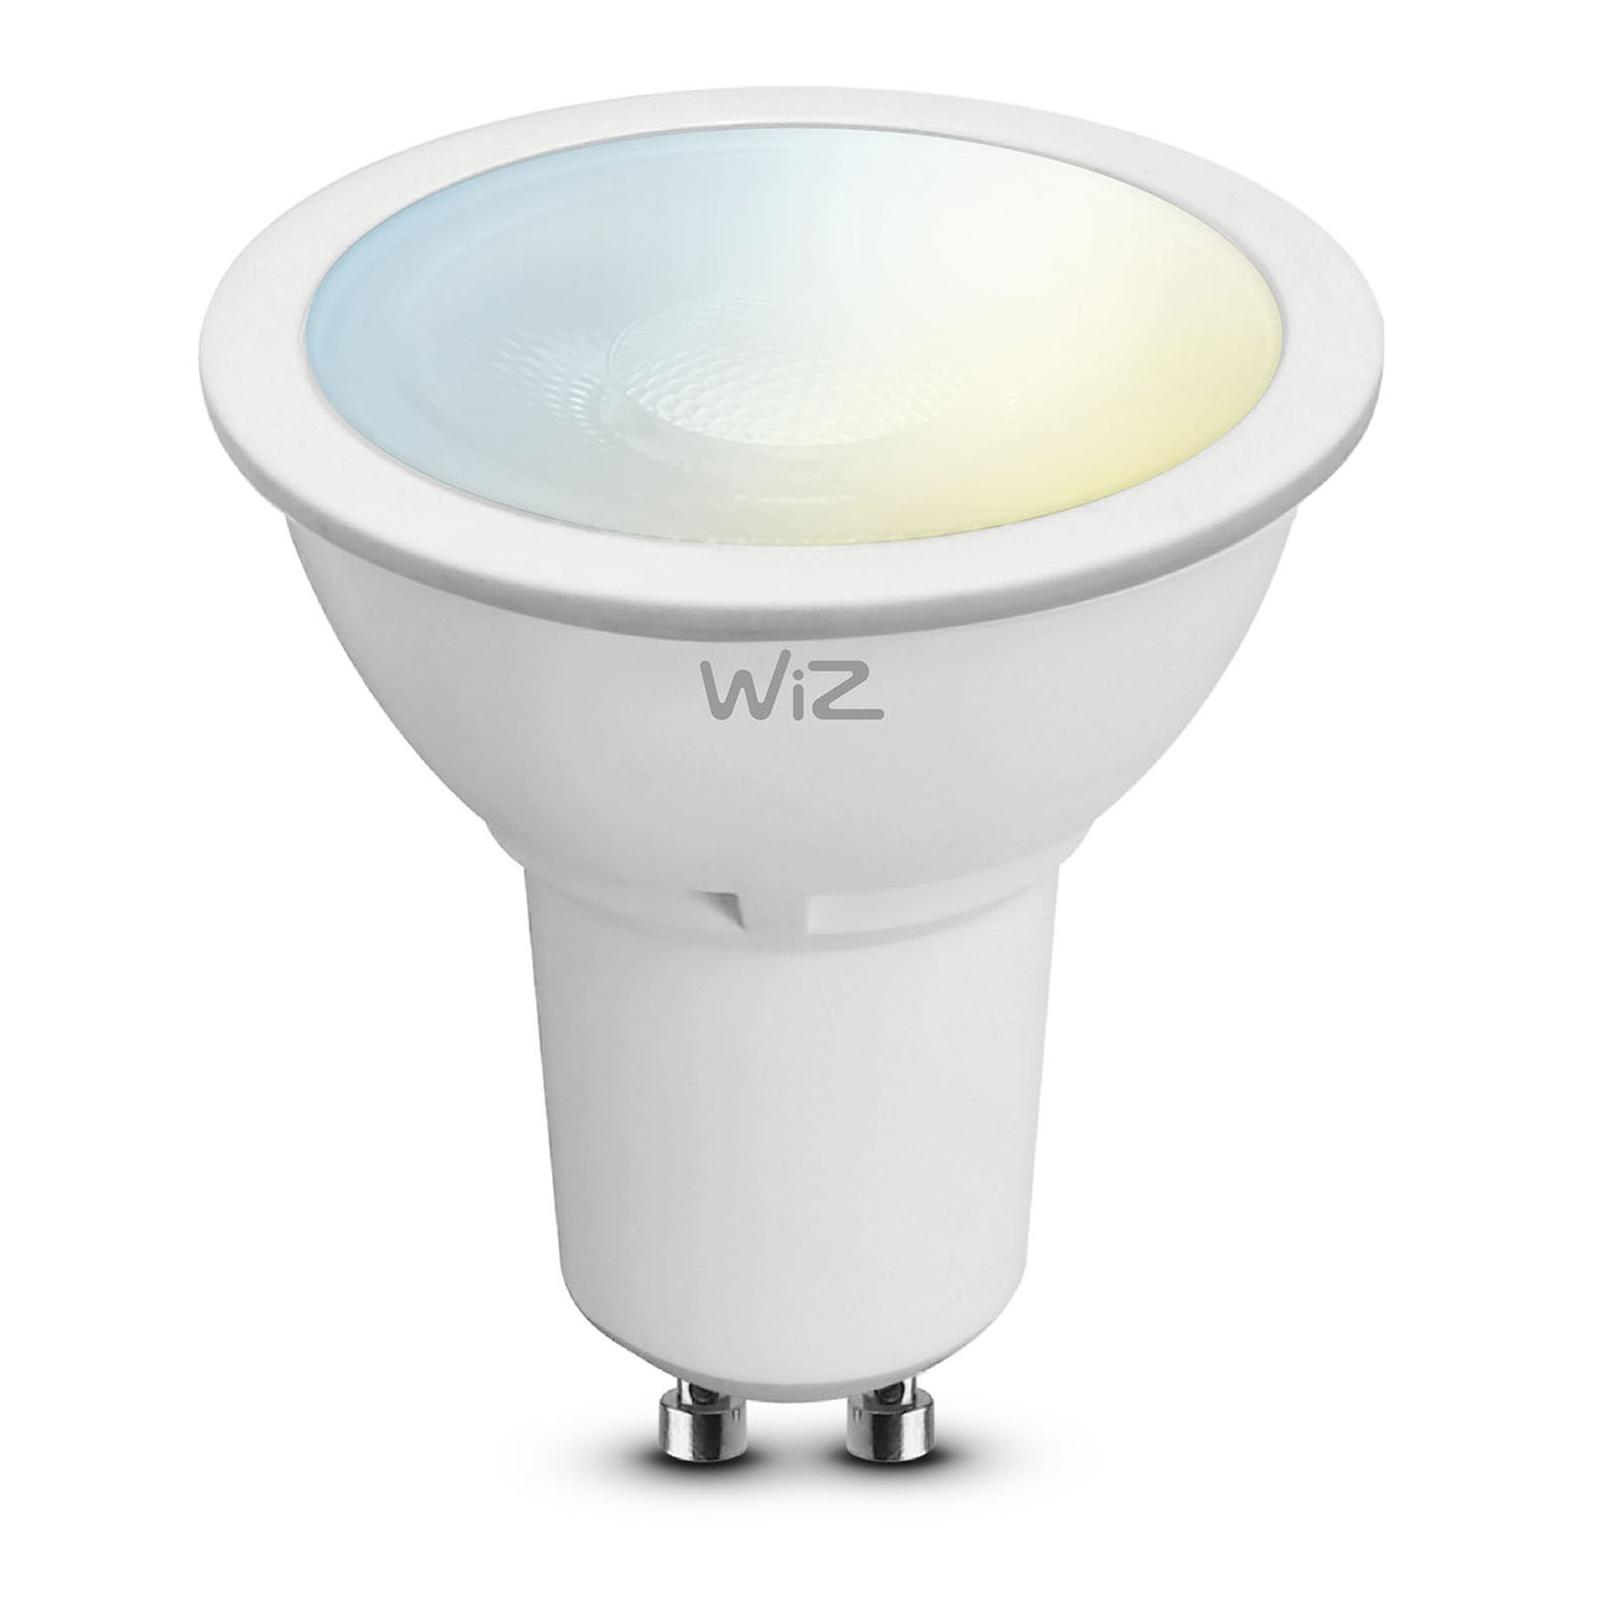 WiZ GU10 ampoule LED, Ø 5cm, 5,5W, 2700-6500K